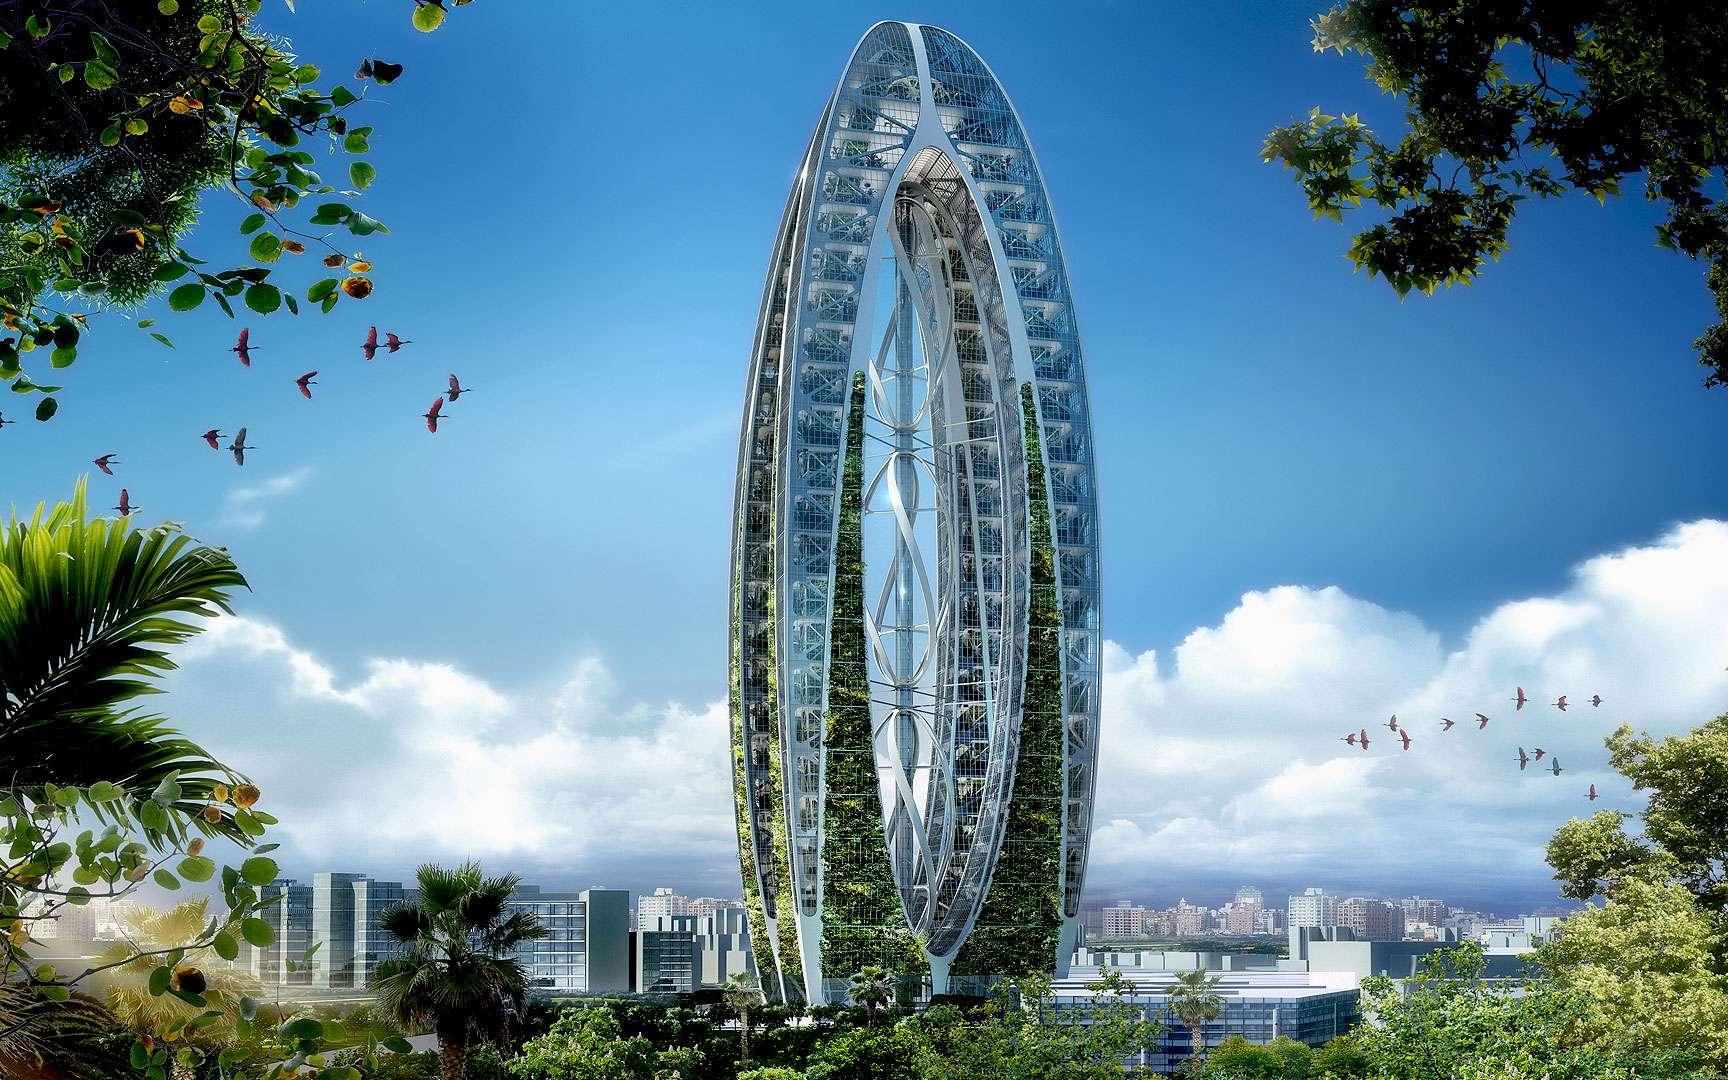 À Taiwan, au milieu de la grande ville de Taichung, une double tour abrite une grande bulle de nature avec des arbres et des jardins. © Vincent Callebaut